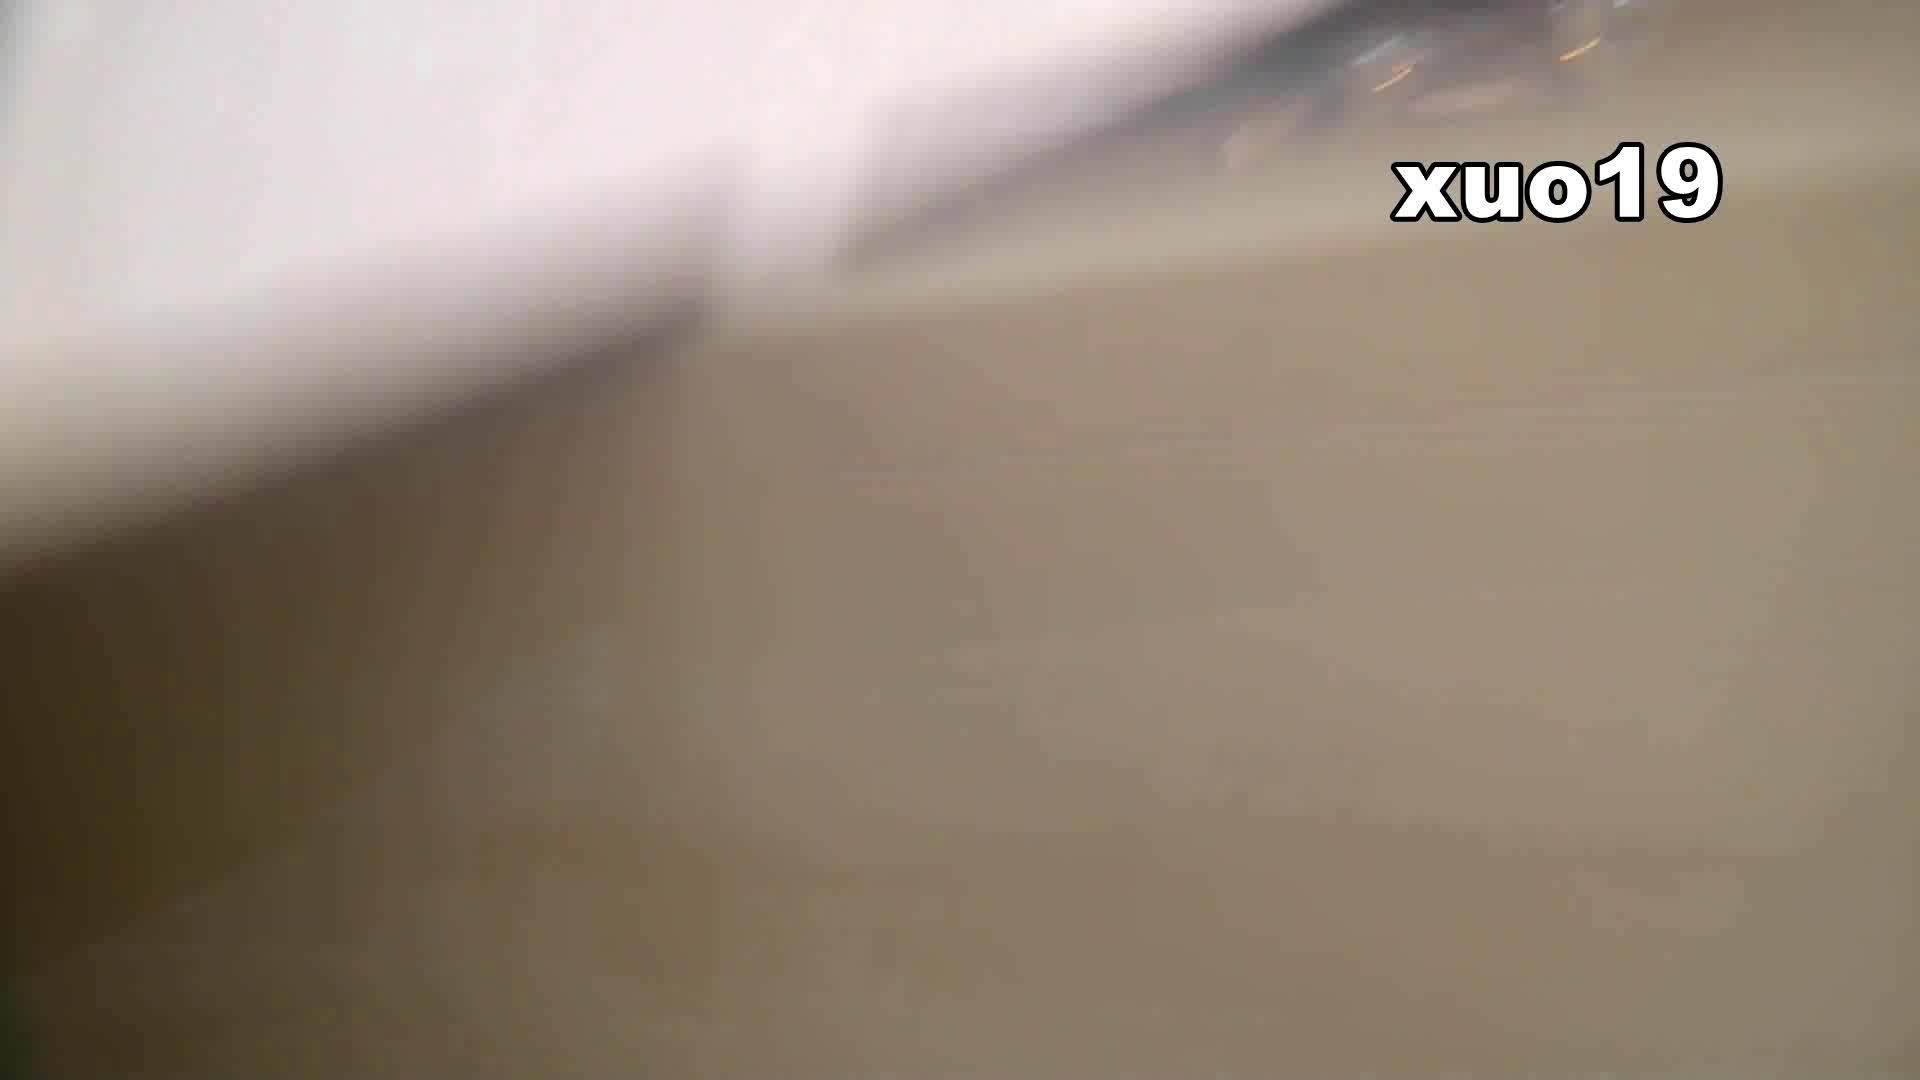 阿国ちゃんの「和式洋式七変化」No.19 キラキラ系 お姉さん  111PIX 110